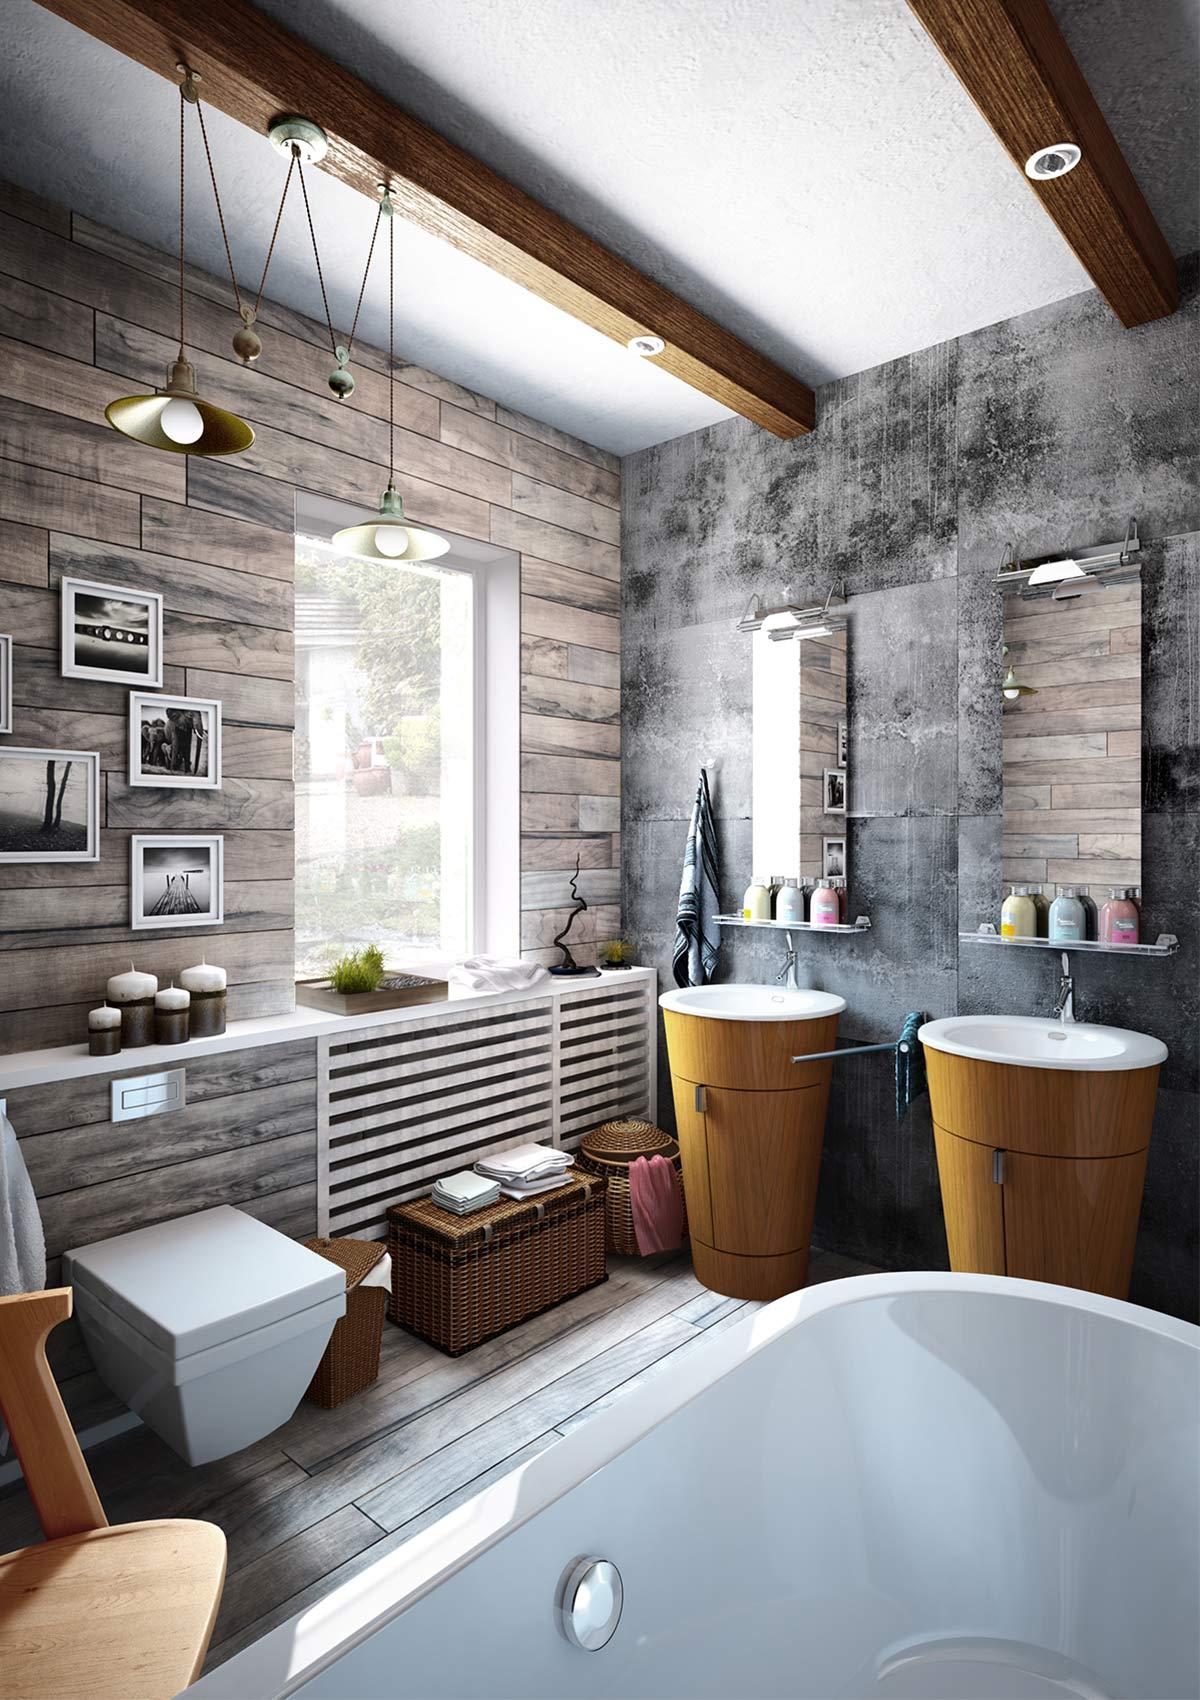 phòng tắm thiết kế theo phong cách industrial